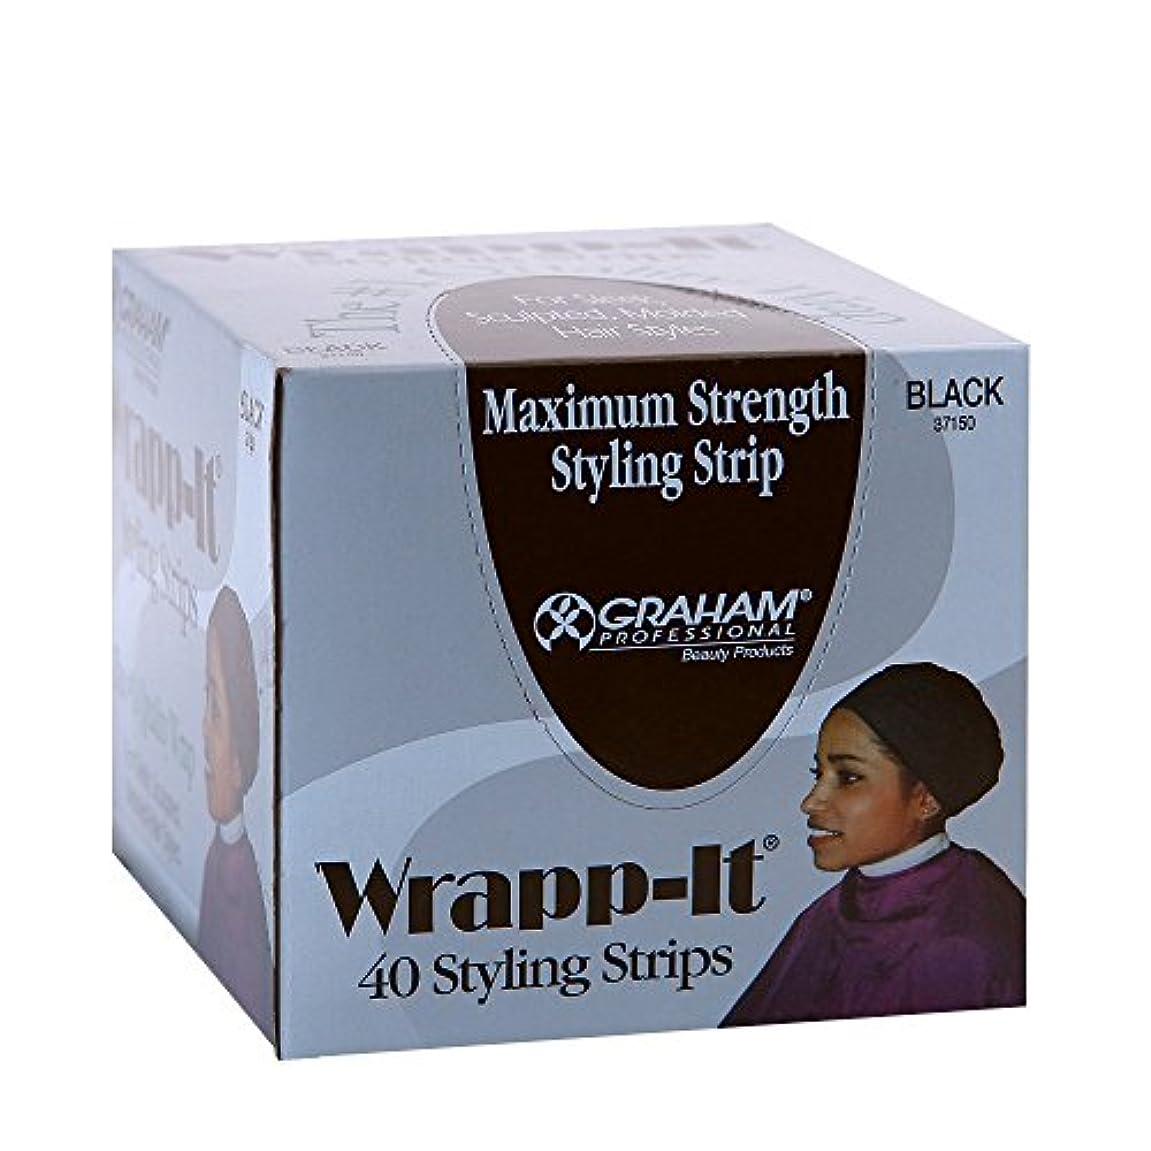 若者コーヒーキャプションGraham Professional Beauty Wrapp、それブラックスタイリングストリップ